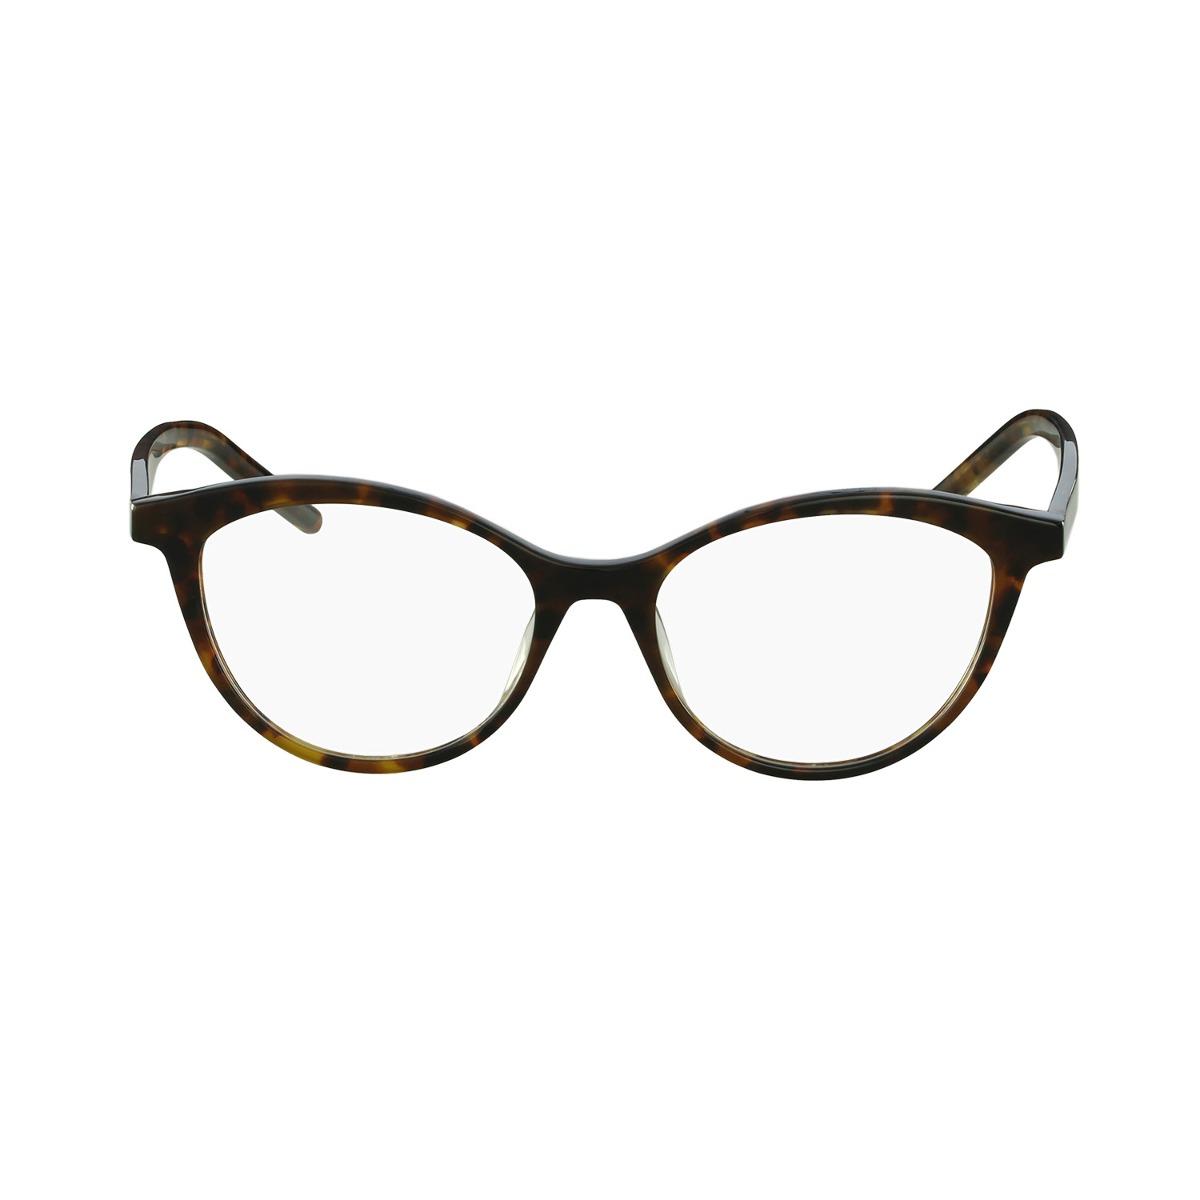 Óculos De Grau Polaroid Gatinho Marrom - R  199,00 em Mercado Livre bd7f35ac66